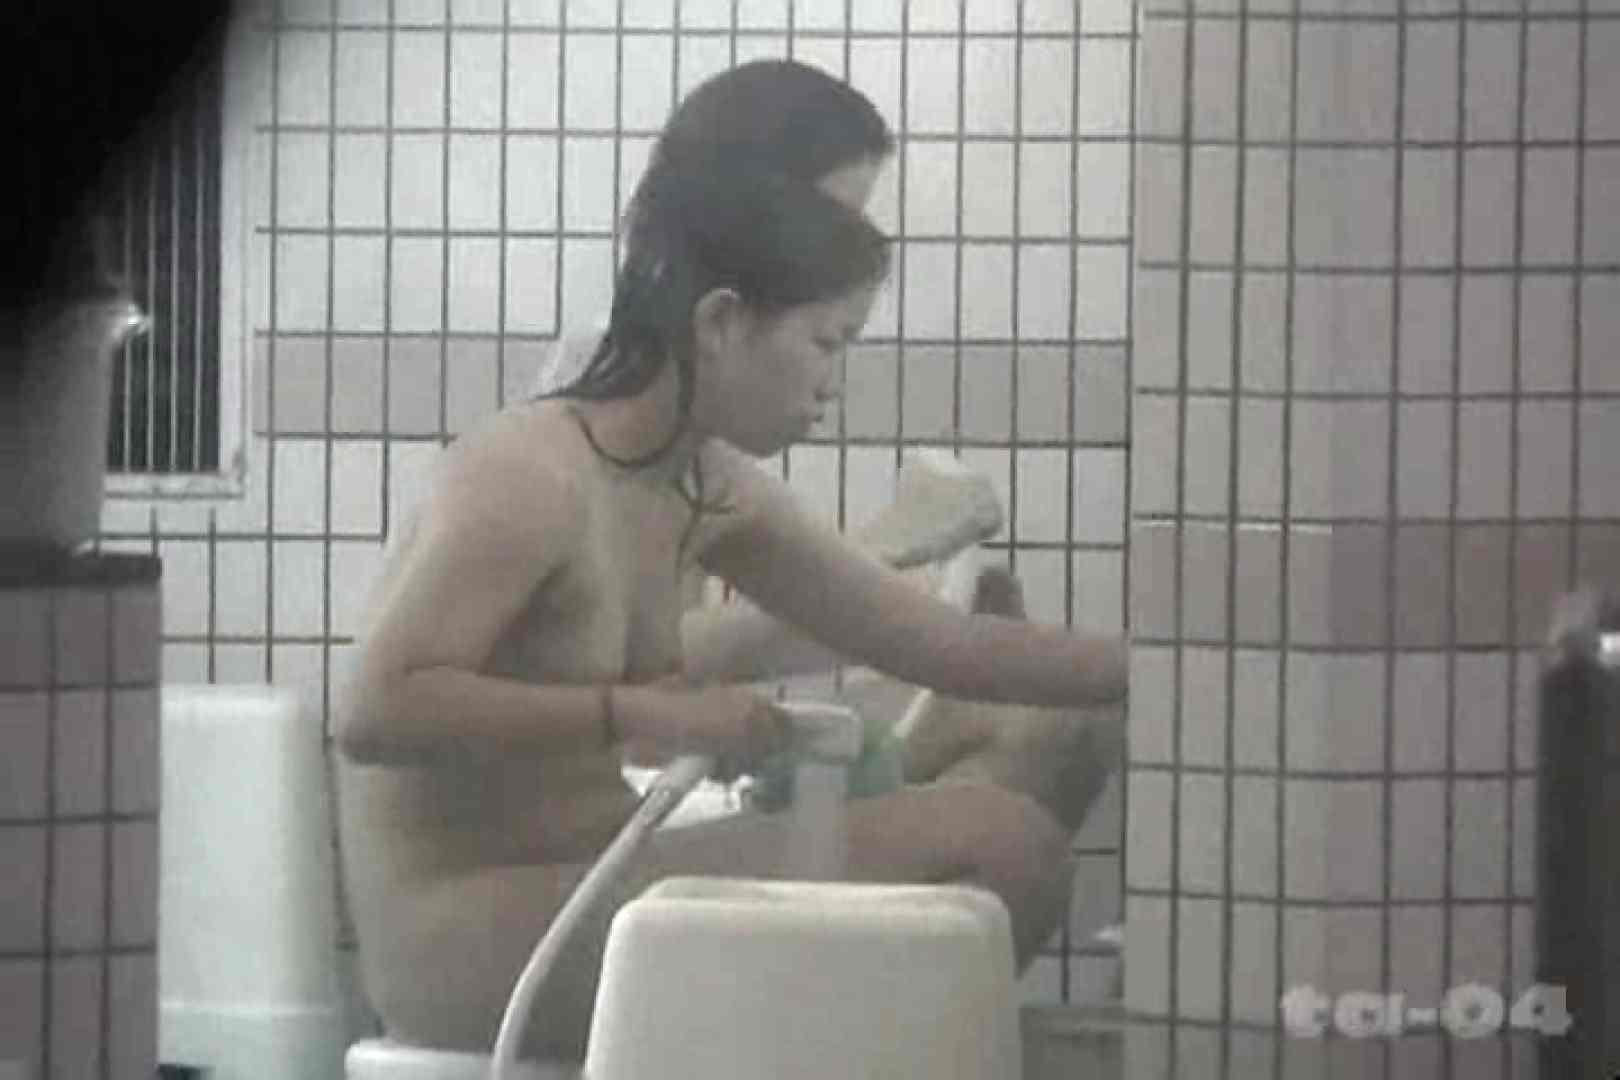 合宿ホテル女風呂盗撮高画質版 Vol.04 盗撮で悶絶 AV無料動画キャプチャ 83画像 67